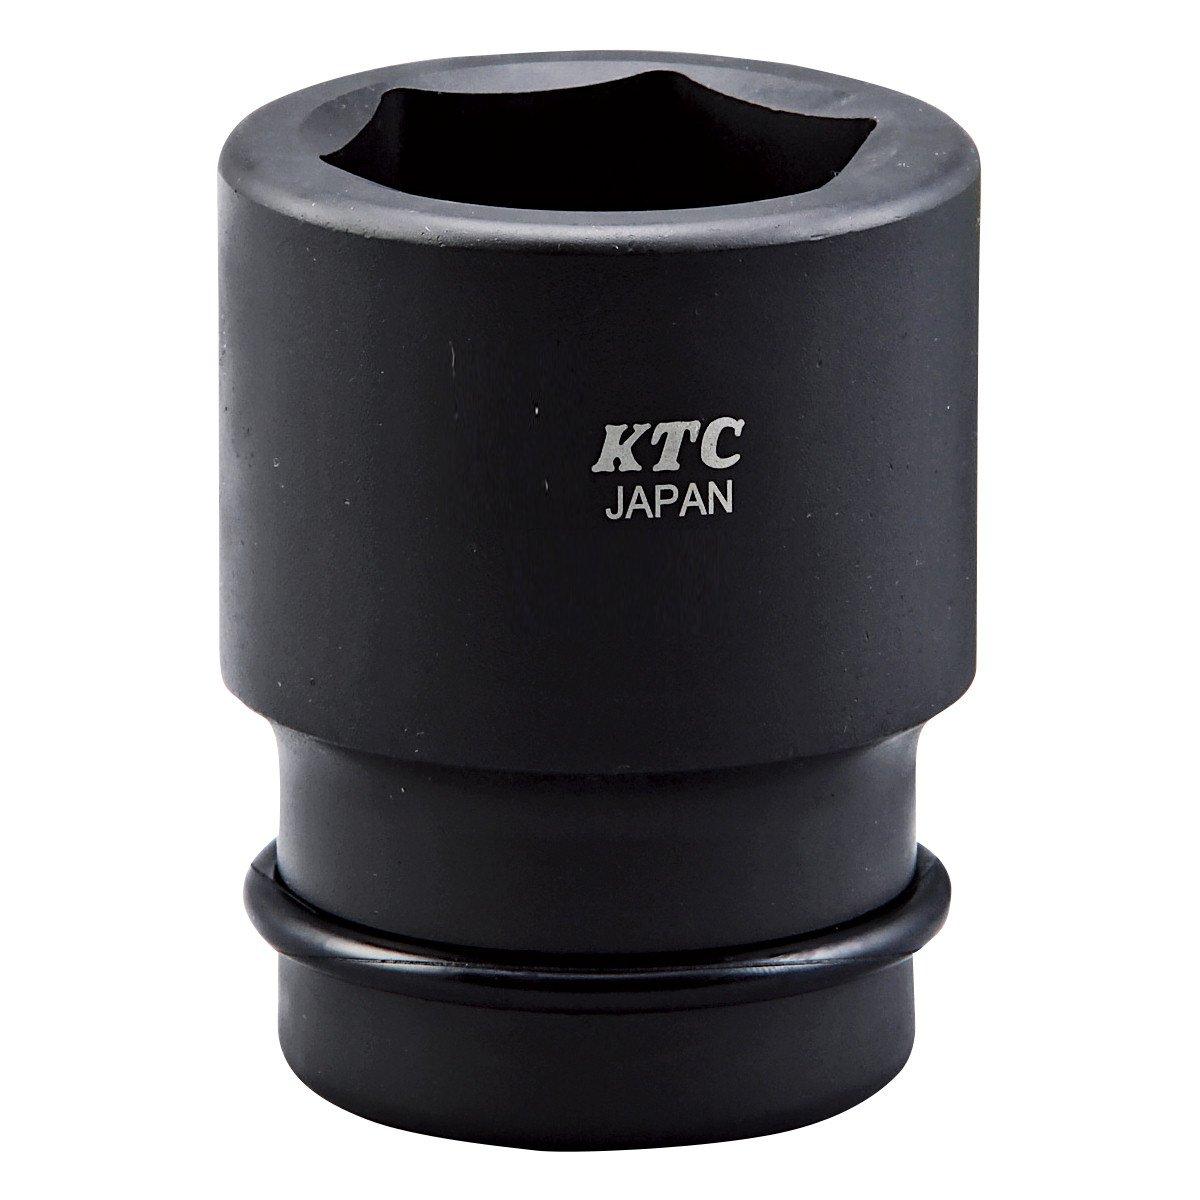 京都機械工具(KTC) インパクトレンチ ソケット 6角 766237 対辺寸法:58×サイズ:全長:82×差込角:25.4mm  B0028W56YS